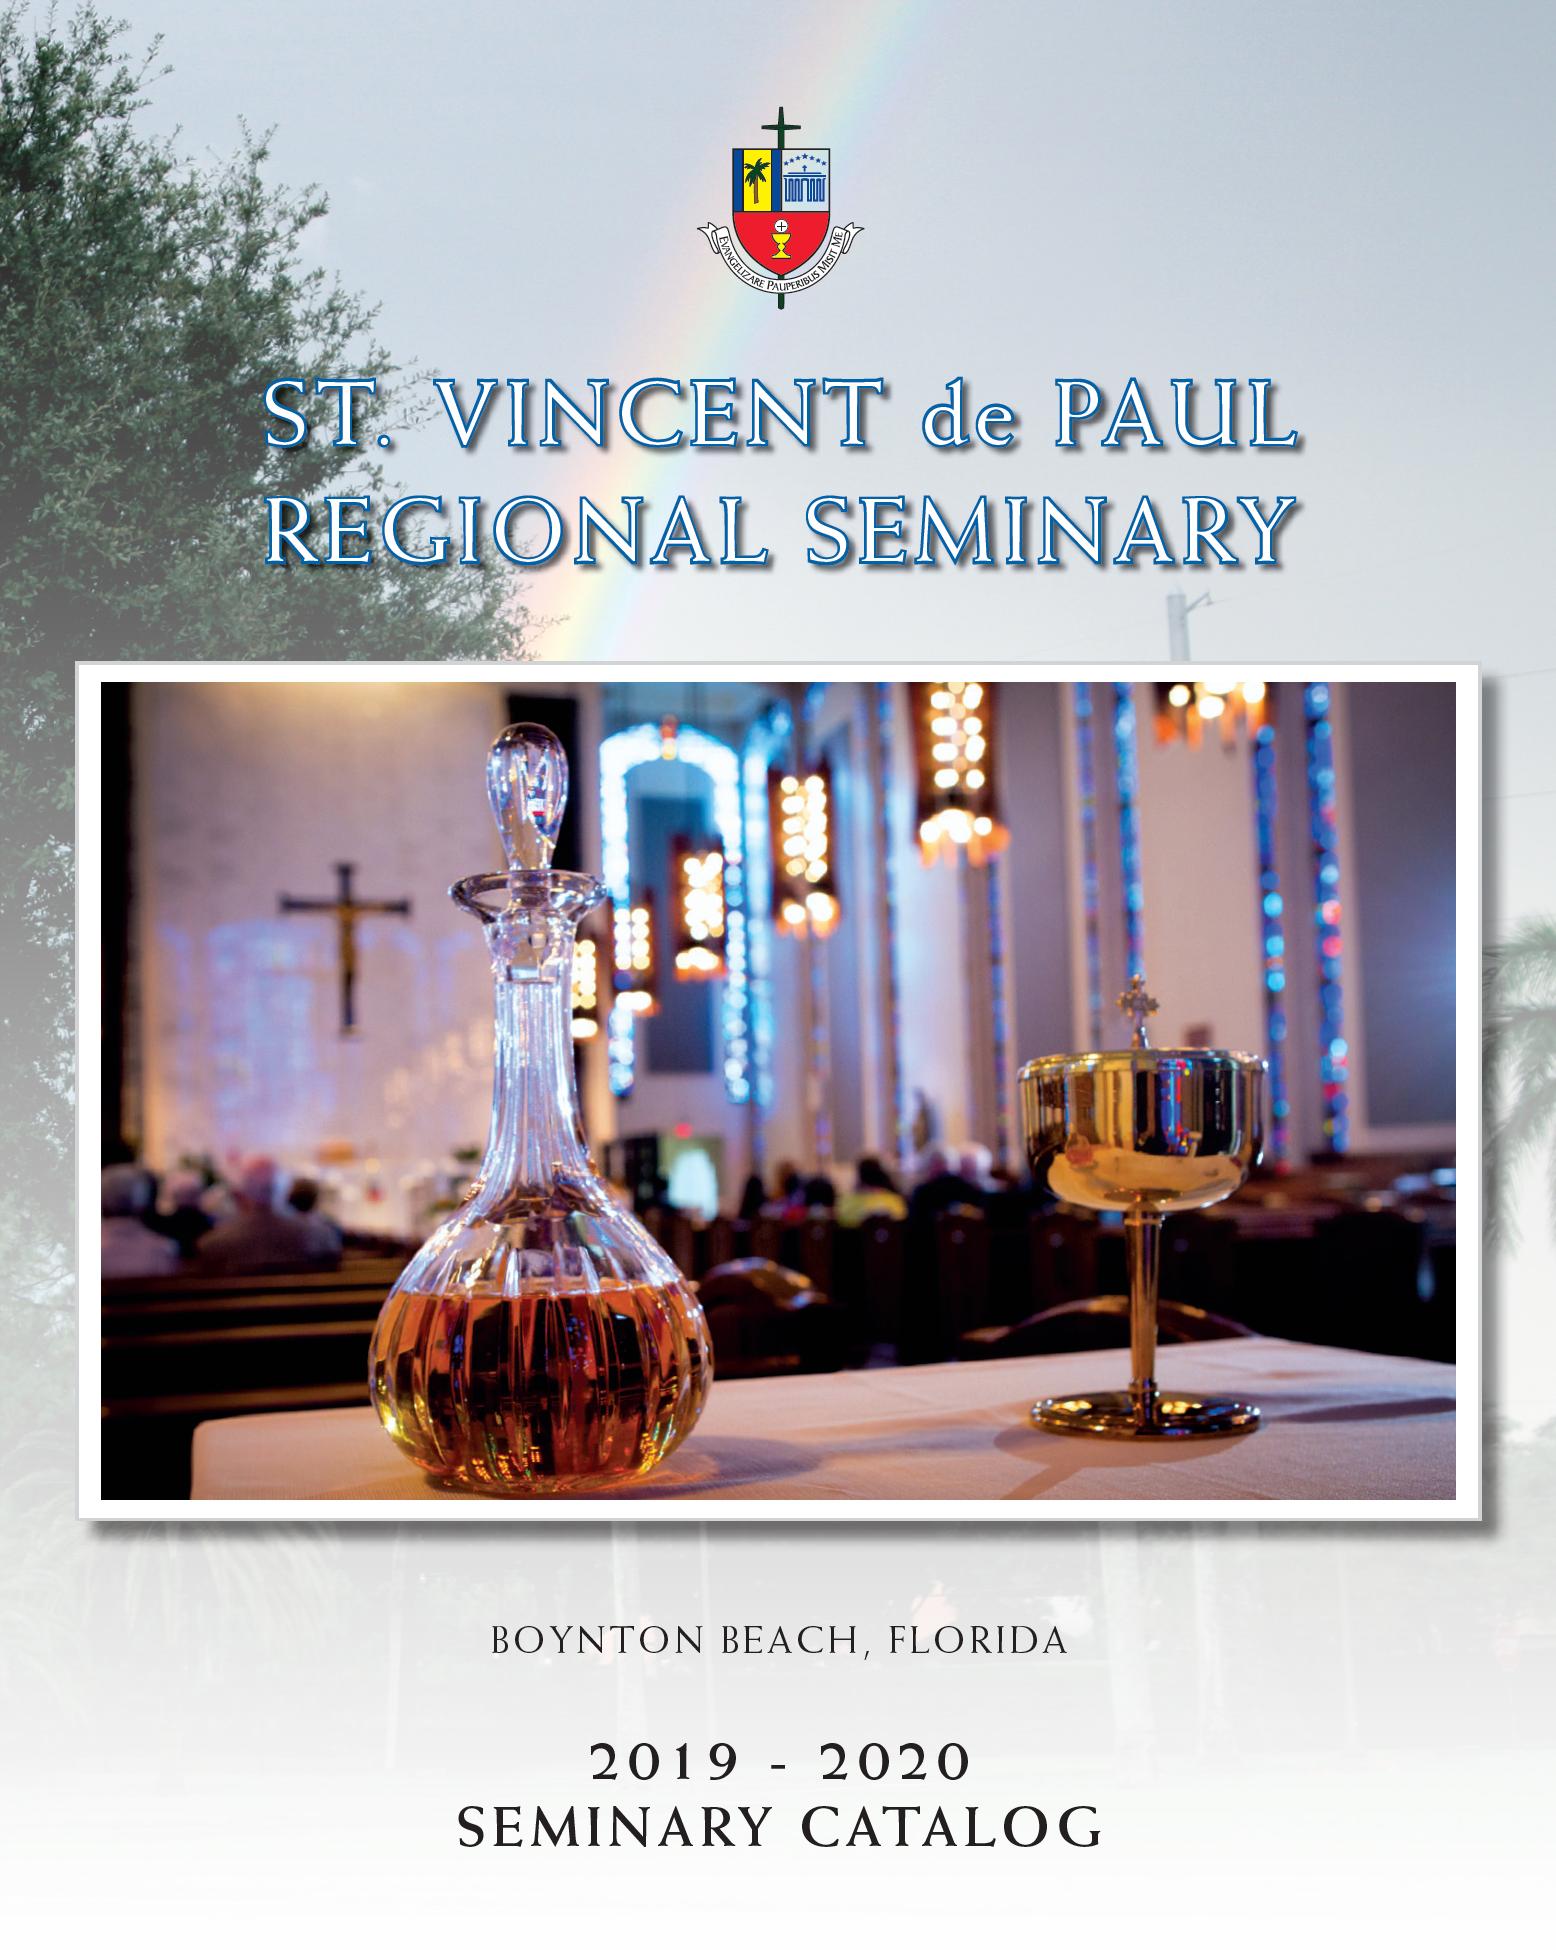 神学院目录的封面